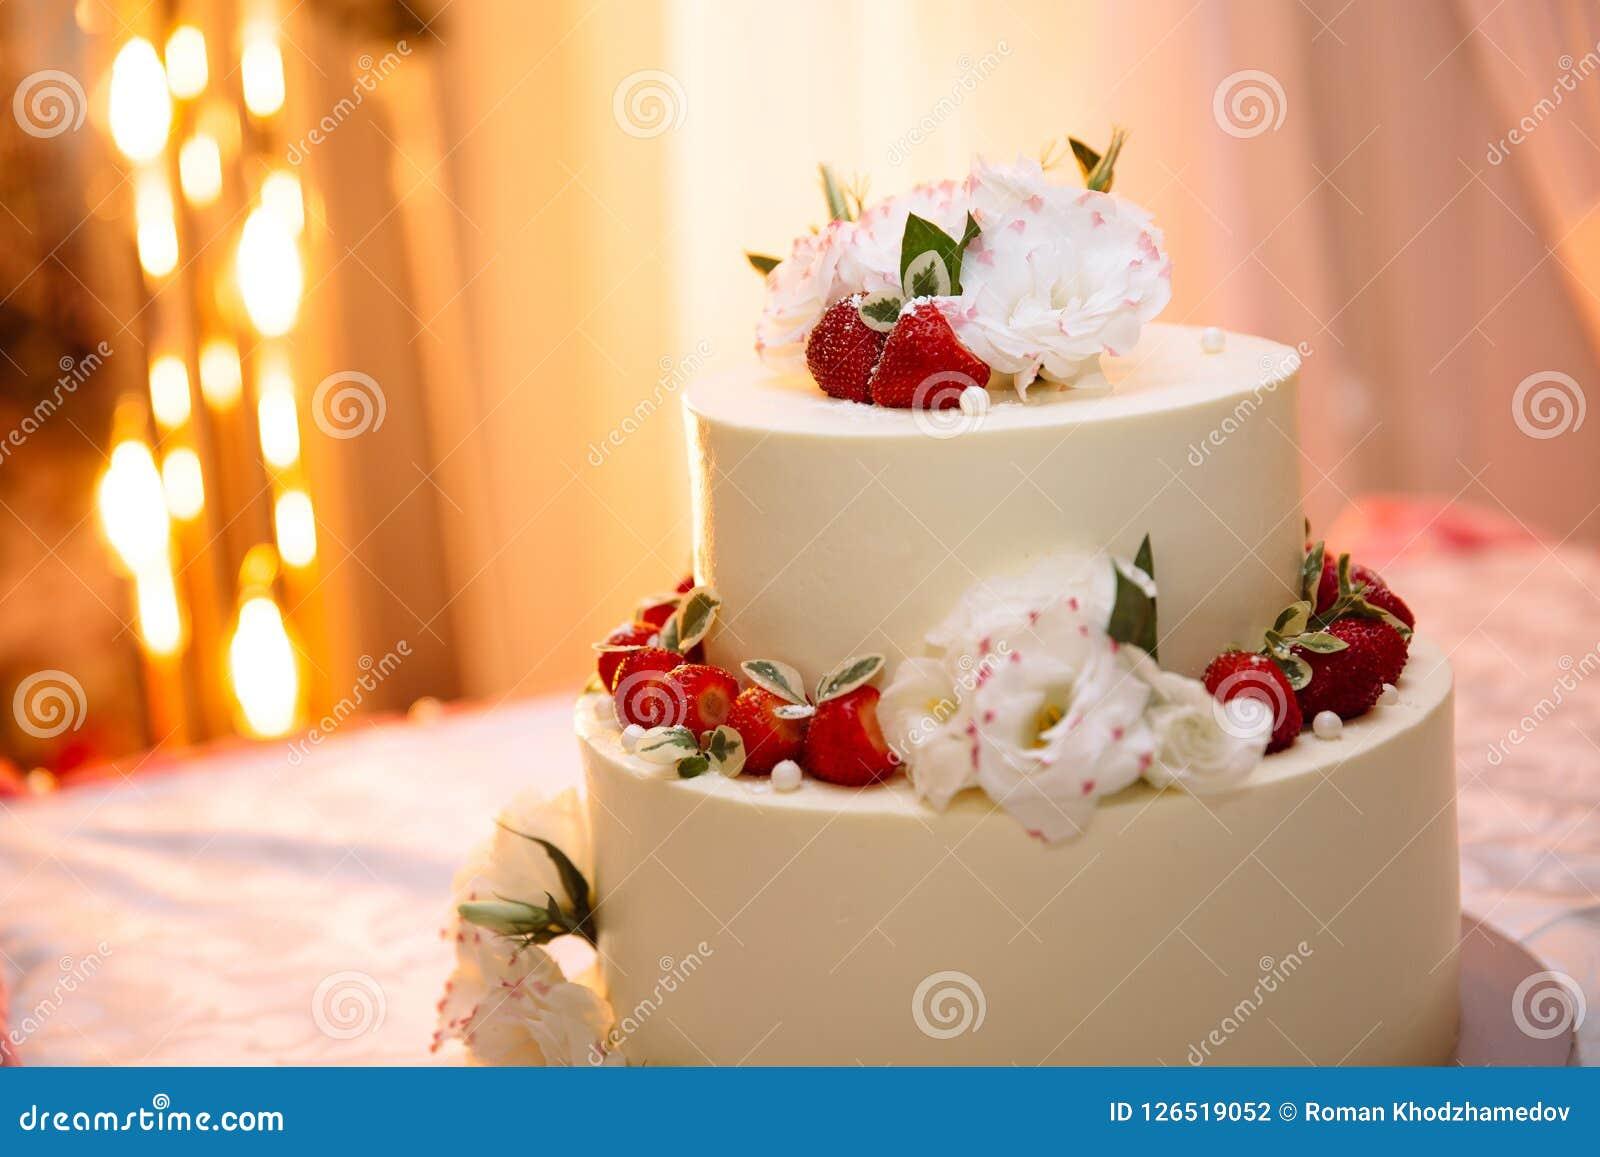 Le Gateau Creme Blanc A Trois Etages De Mariage Est Sur La